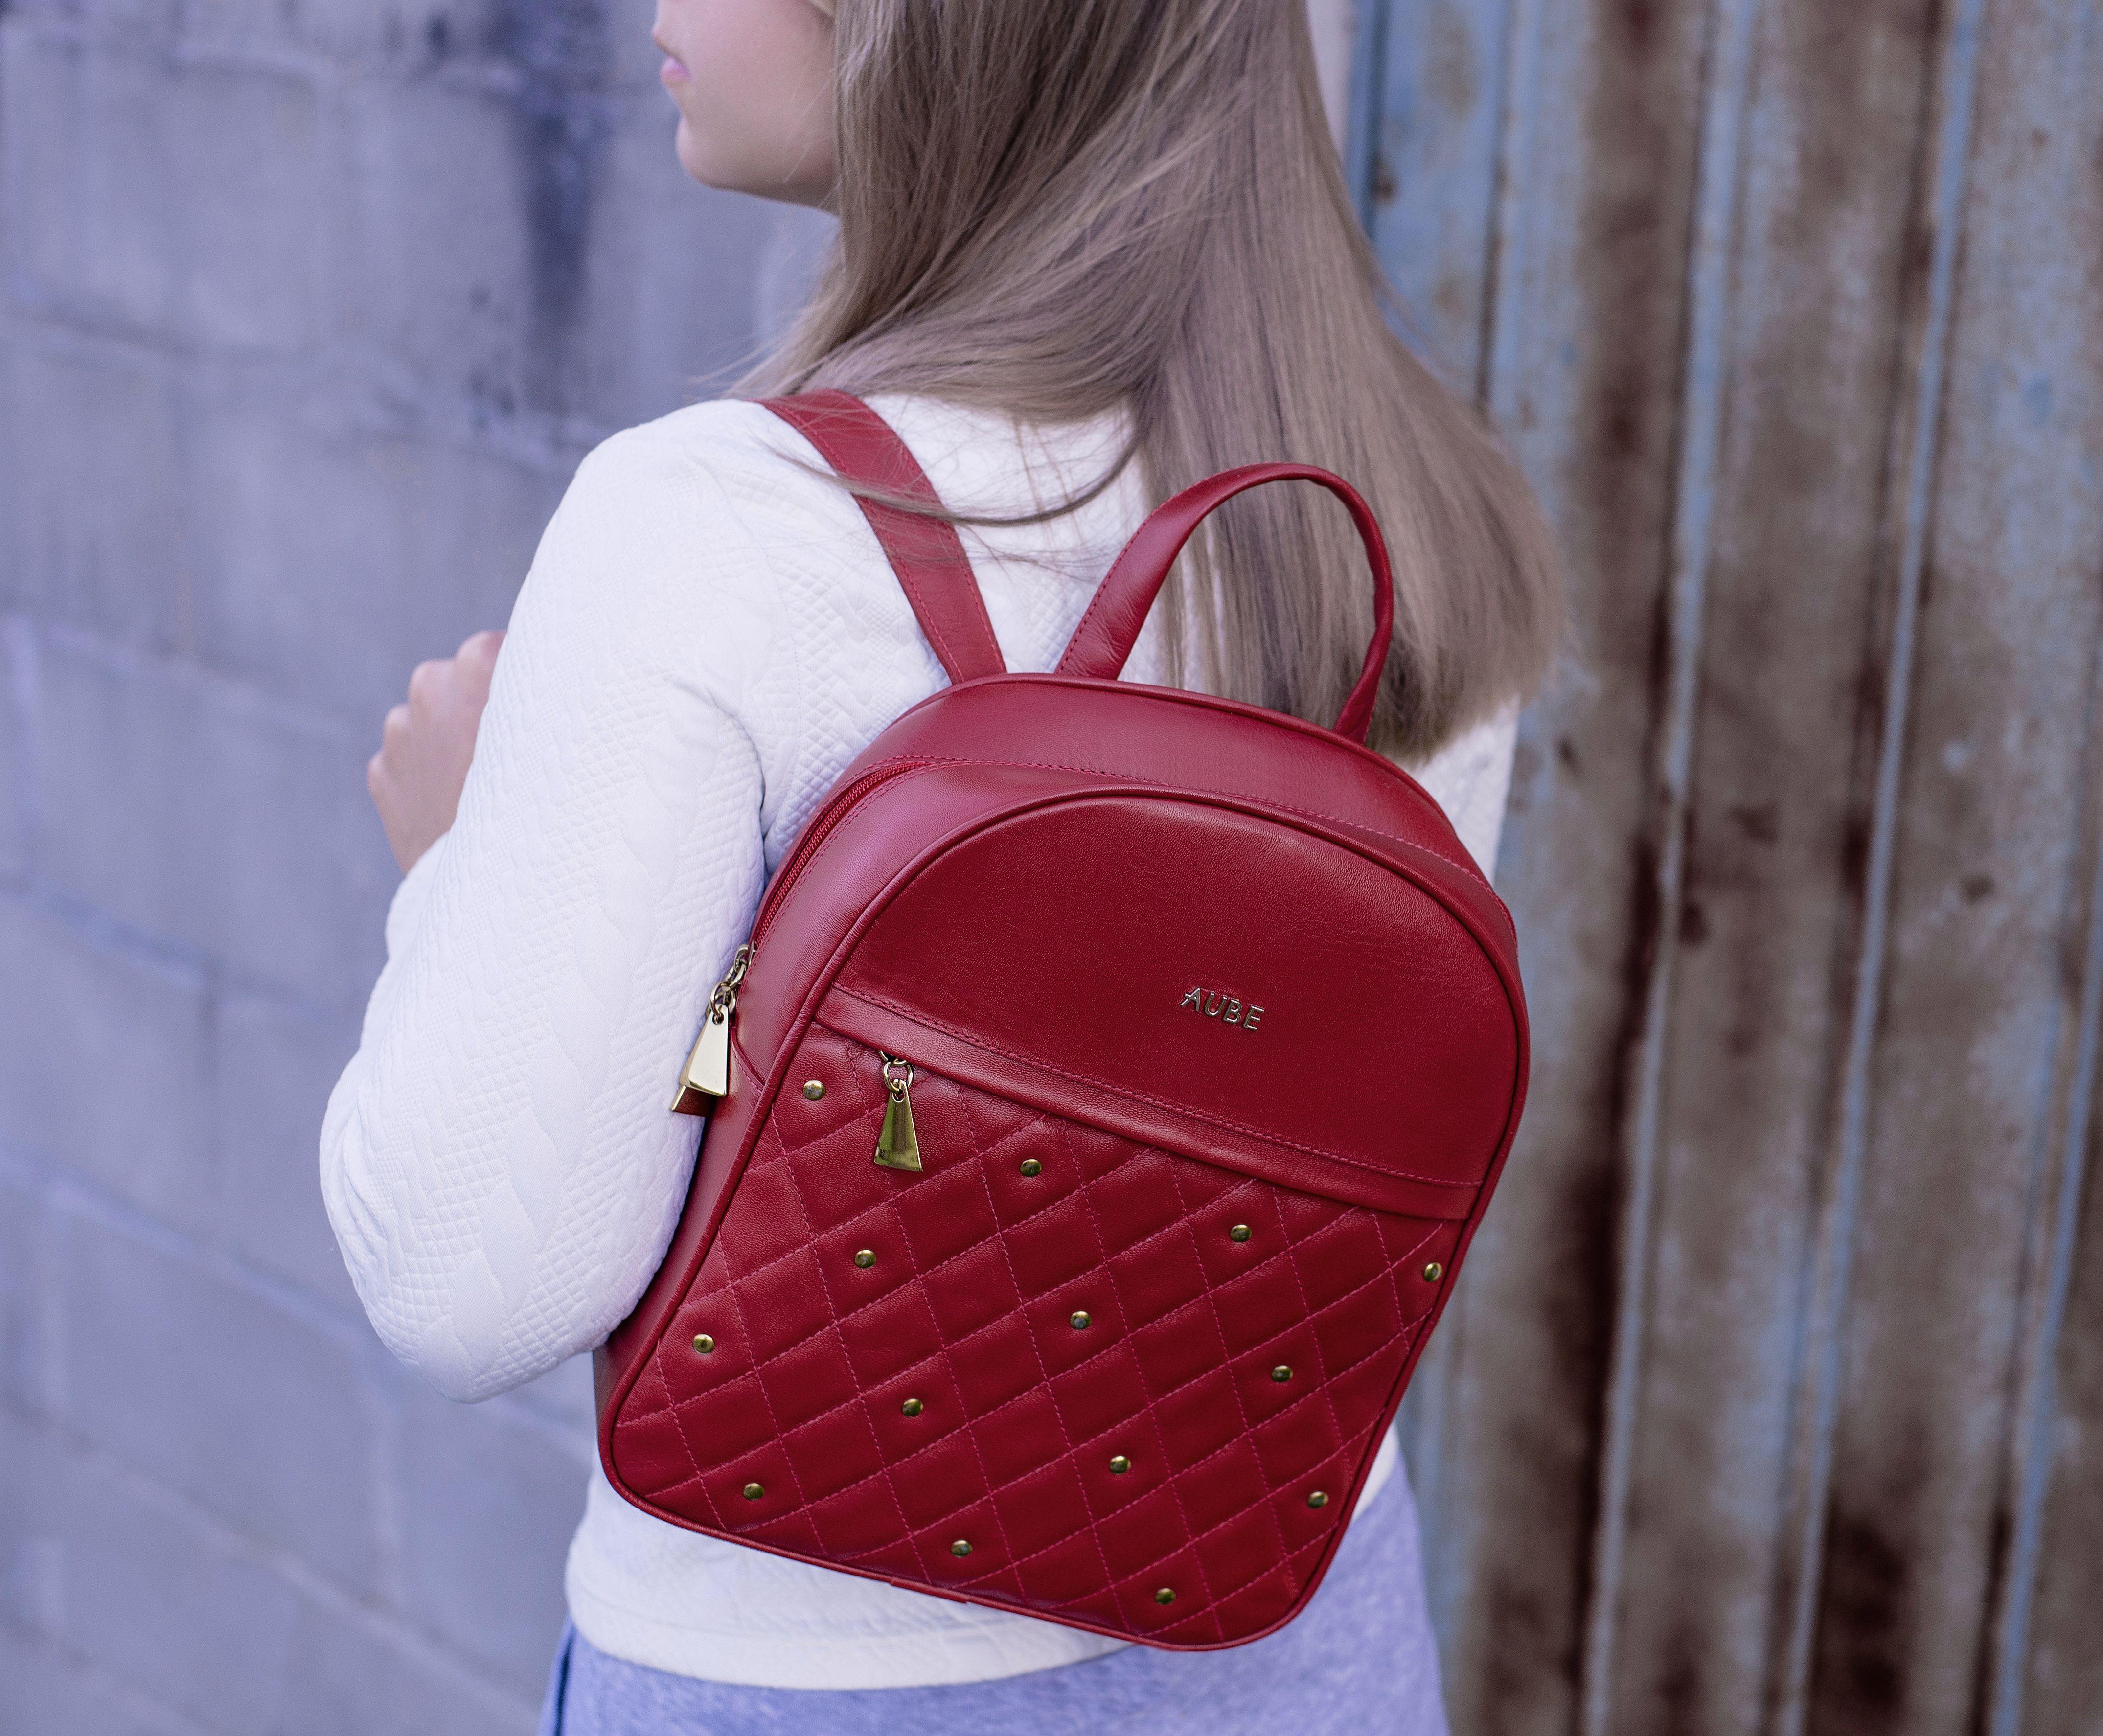 50a97ed1c A mochila de couro Bianca revela em seu design todo o charme do matelassê  em combinação